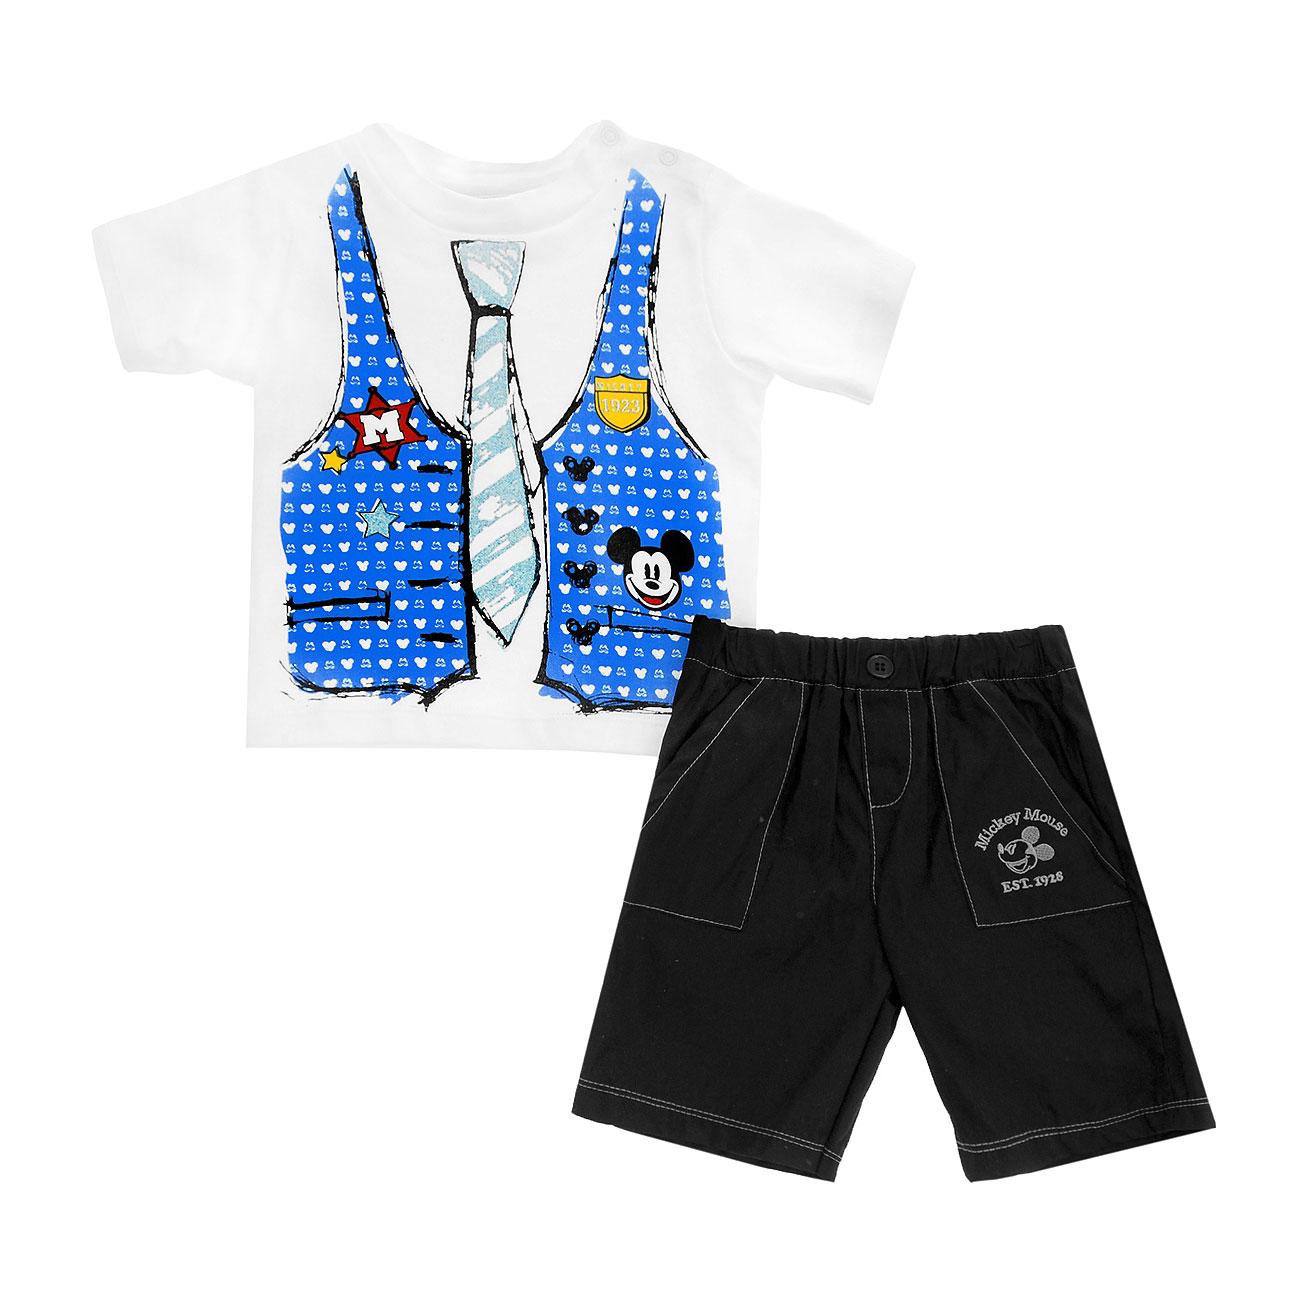 Комплект Дисней Микки футболка с коротким рукавом (рисунок галстук)и шорты, для мальчика. Голубой 12 мес.